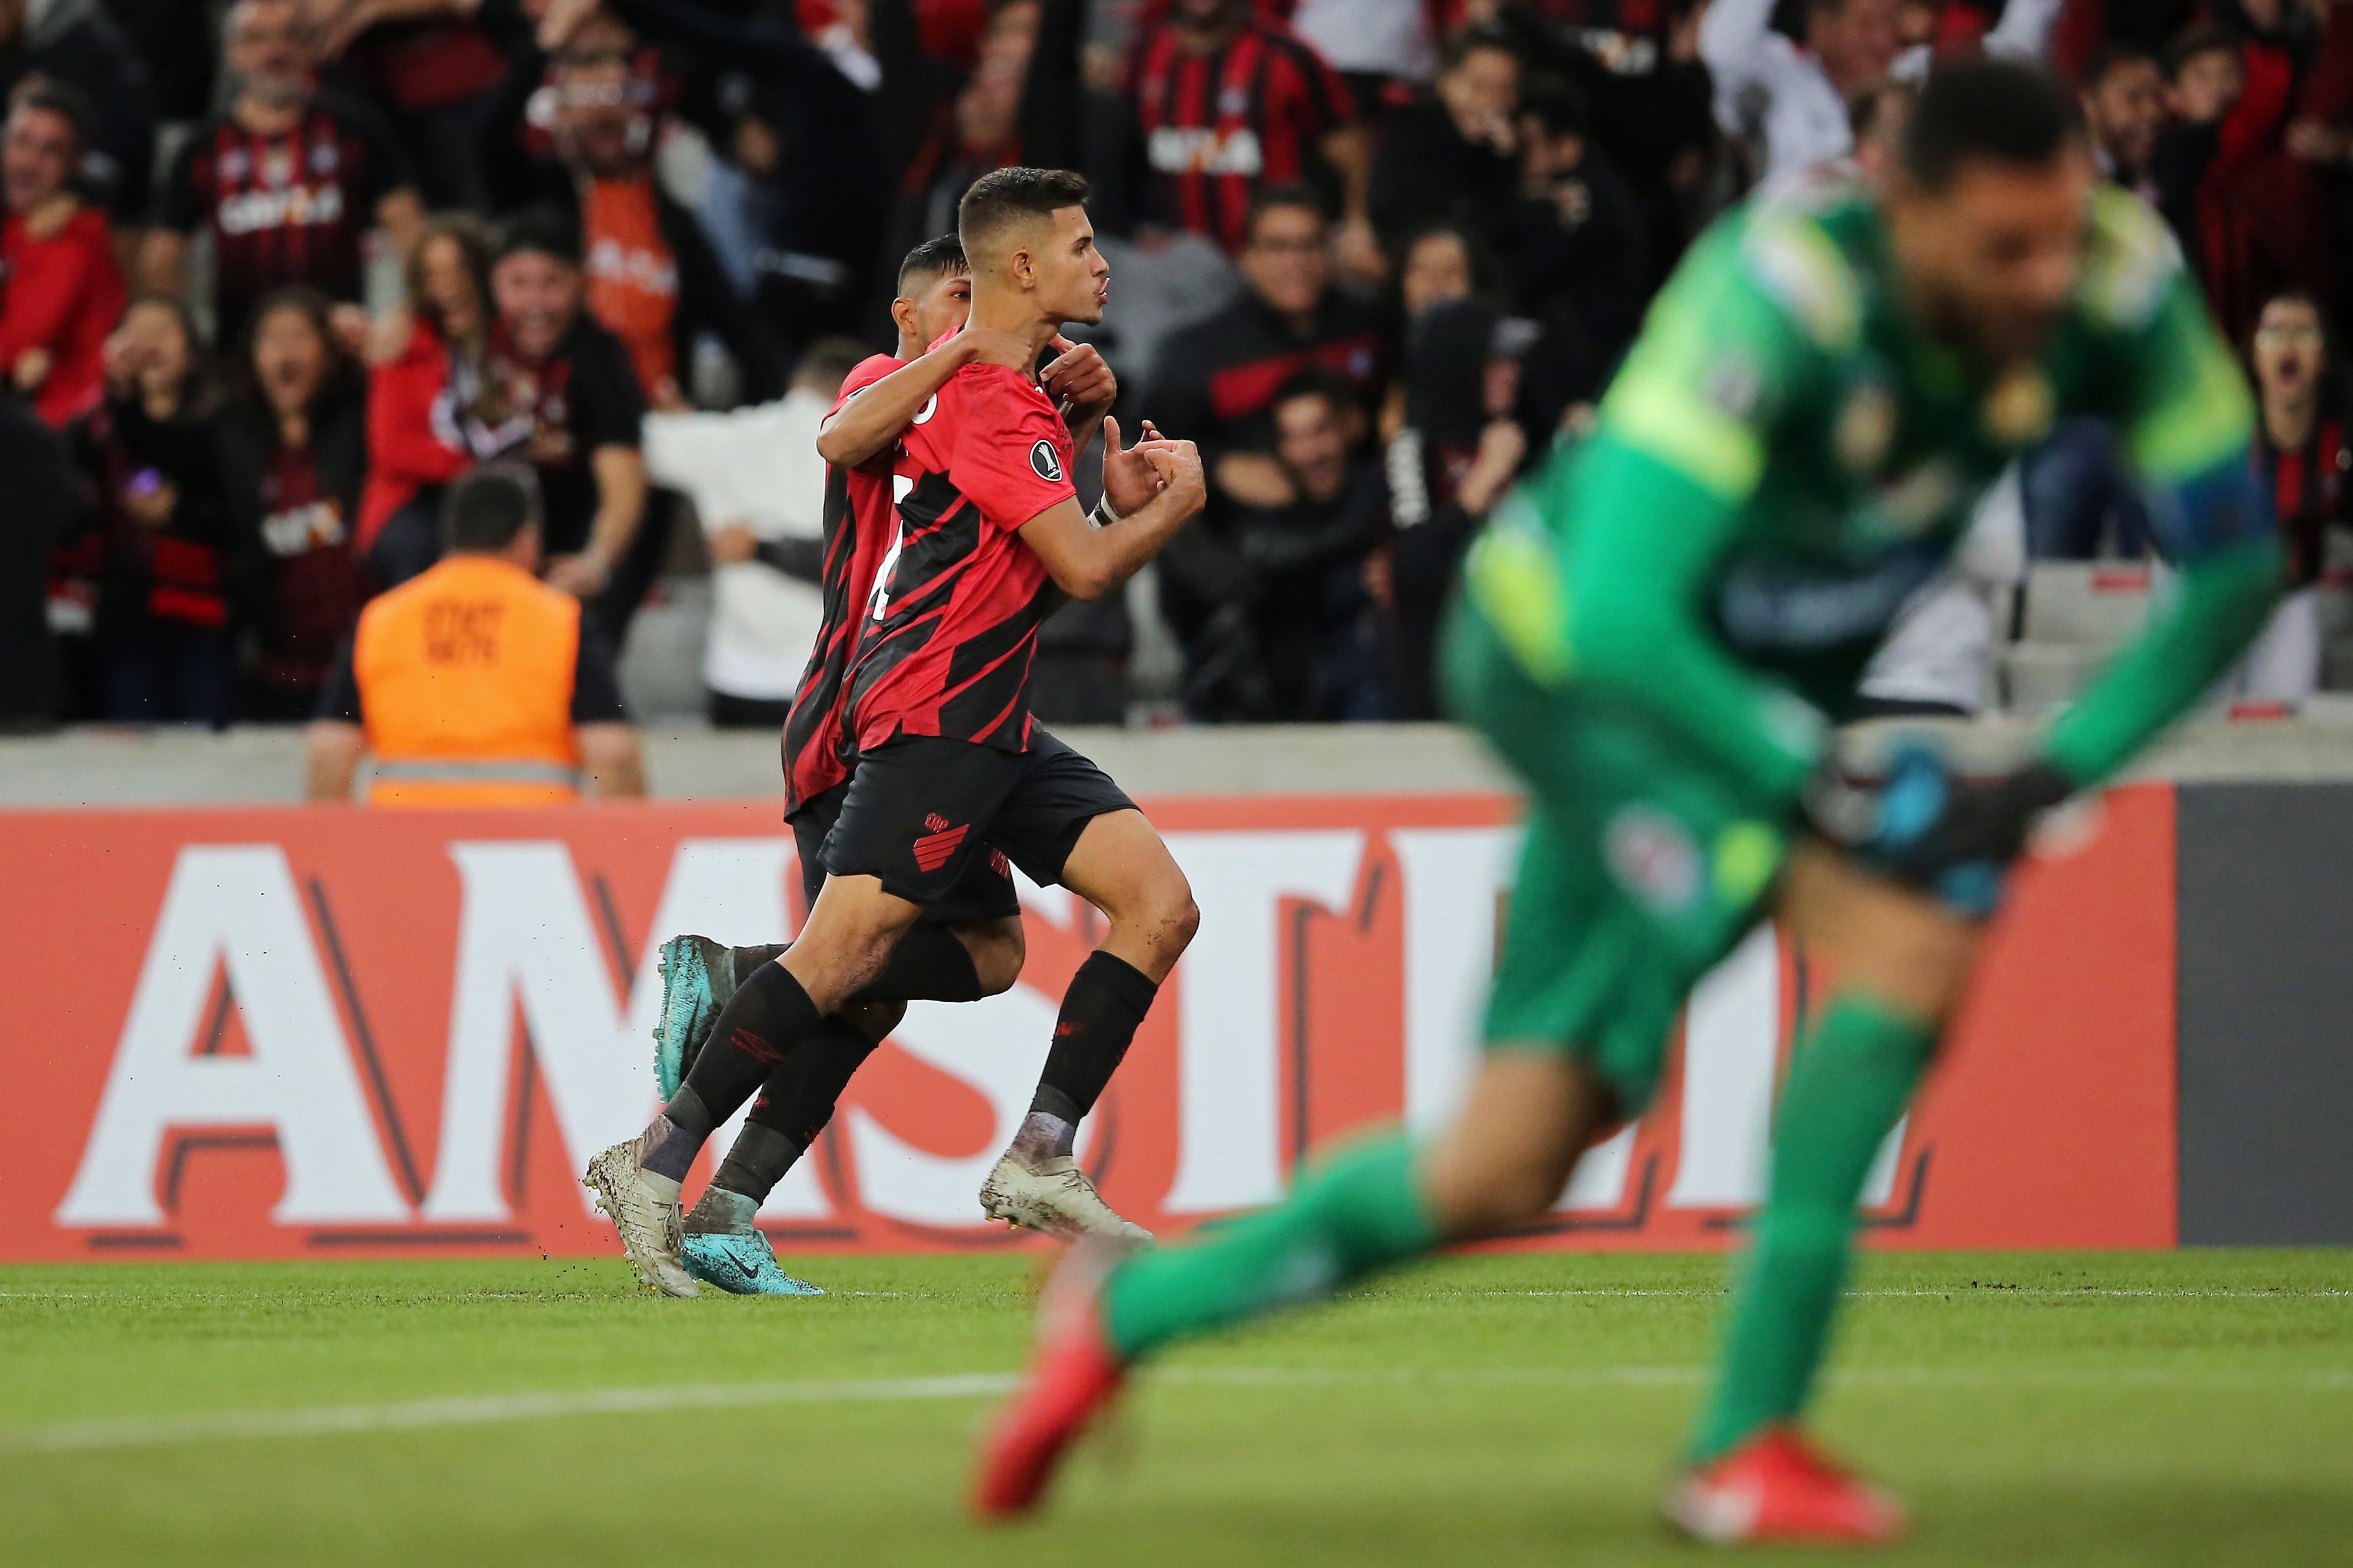 Cresce o número de grandes clubes interessados em Bruno Guimarães